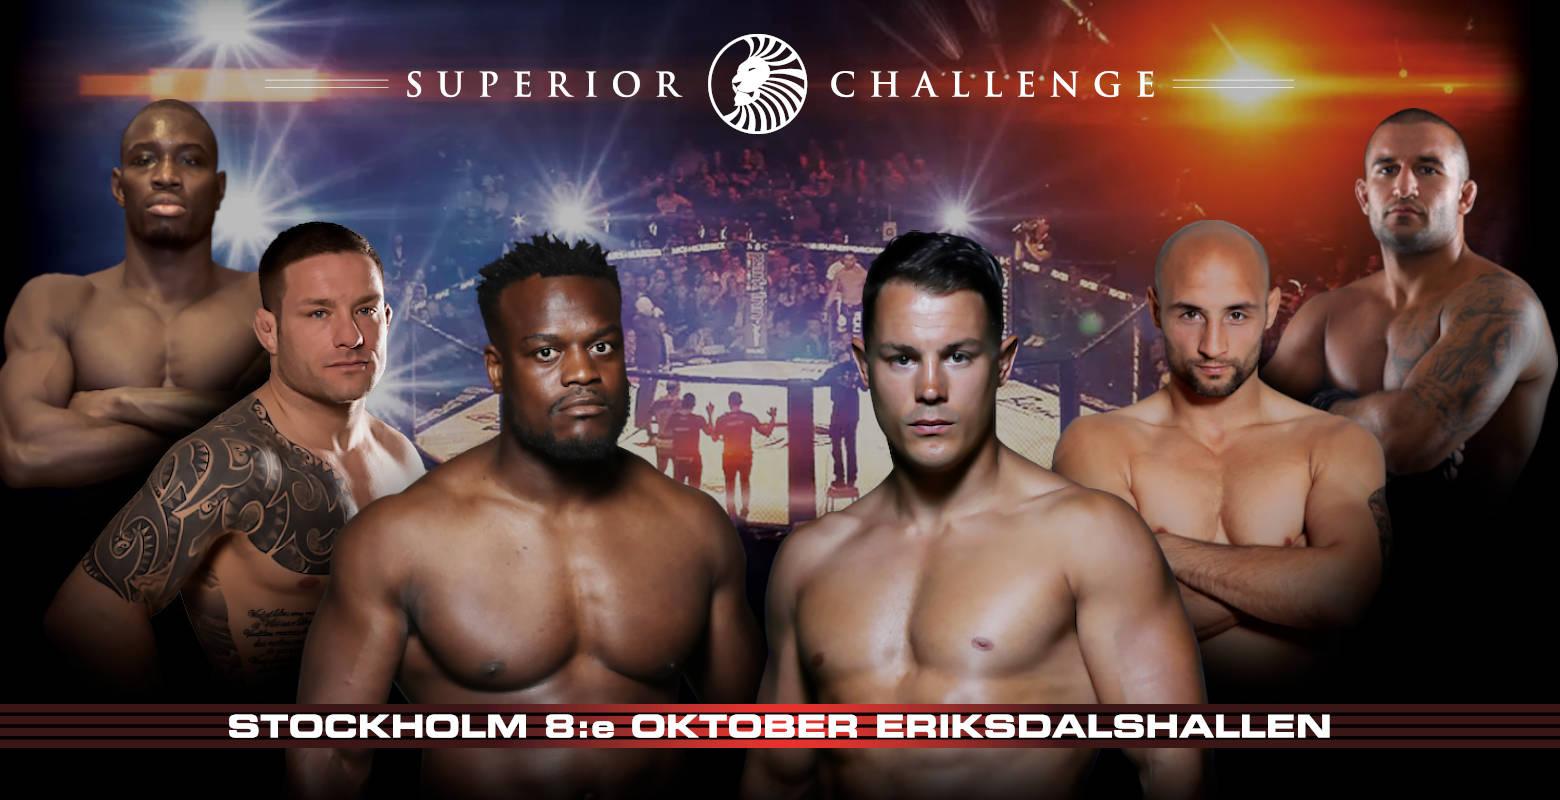 superior-challenge-14-banner-header-1280x400px-1560x800px-budofitness